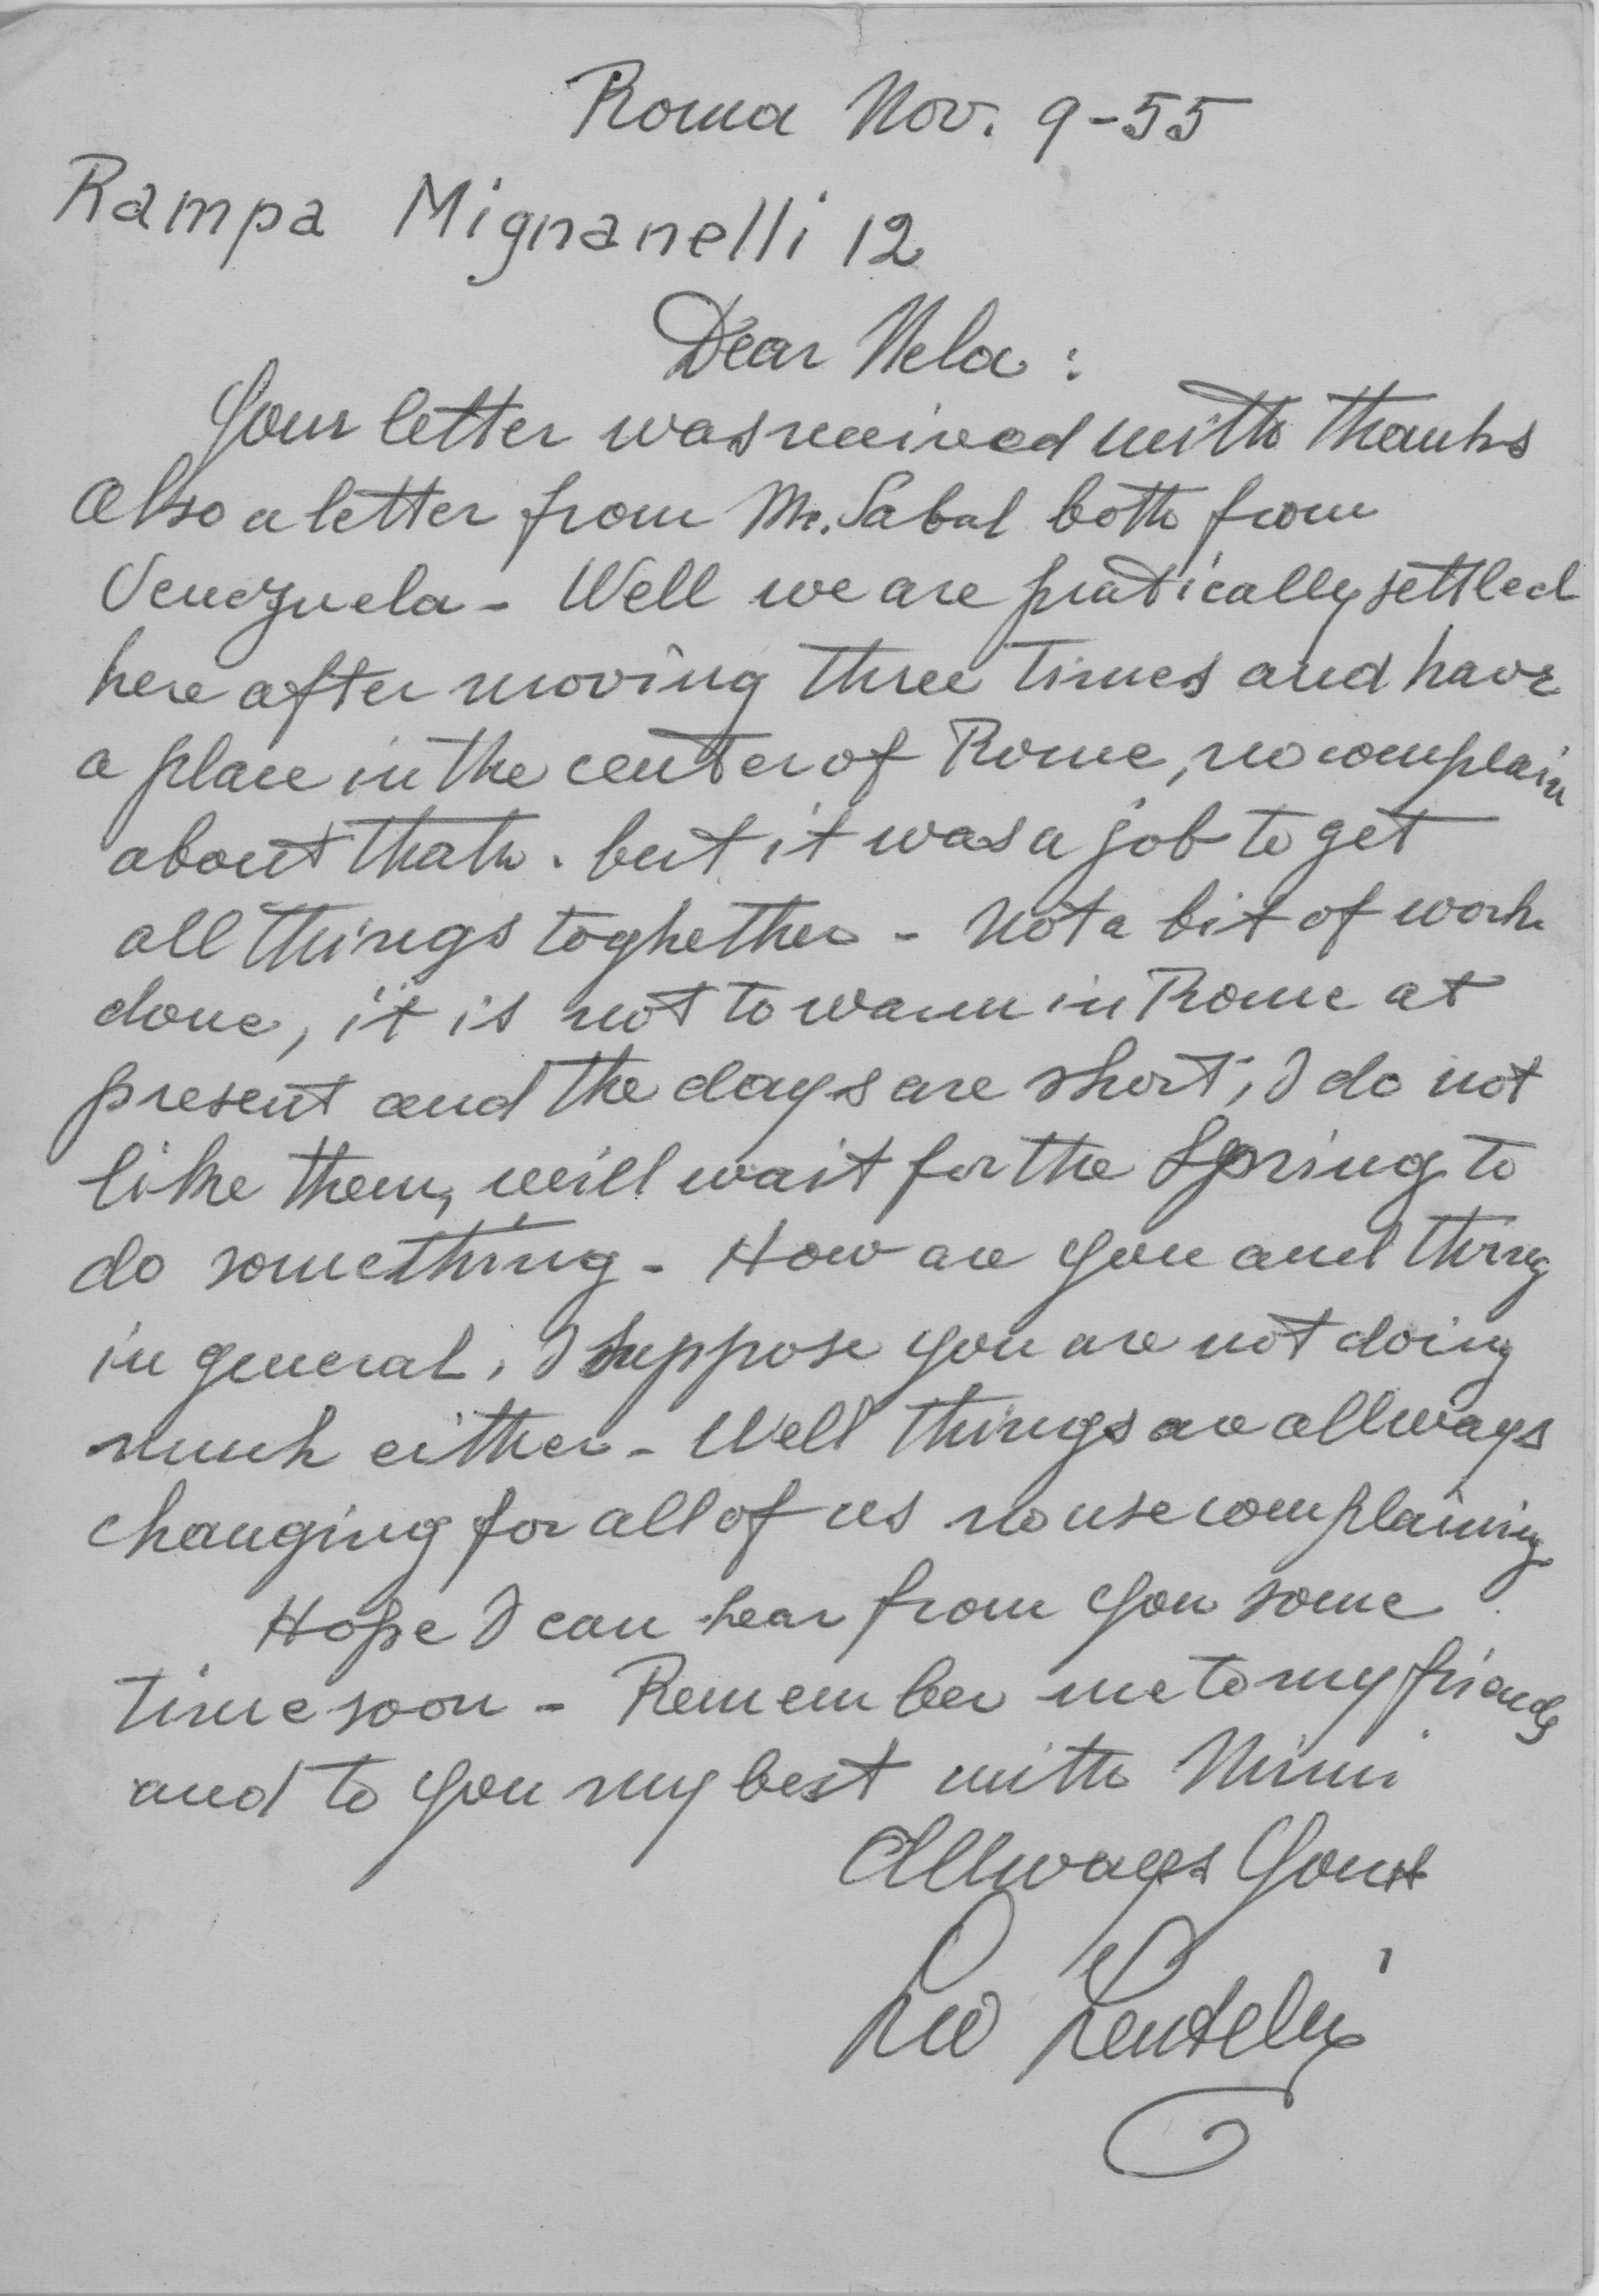 Leo Lentelli letter to Nela Arias Misson